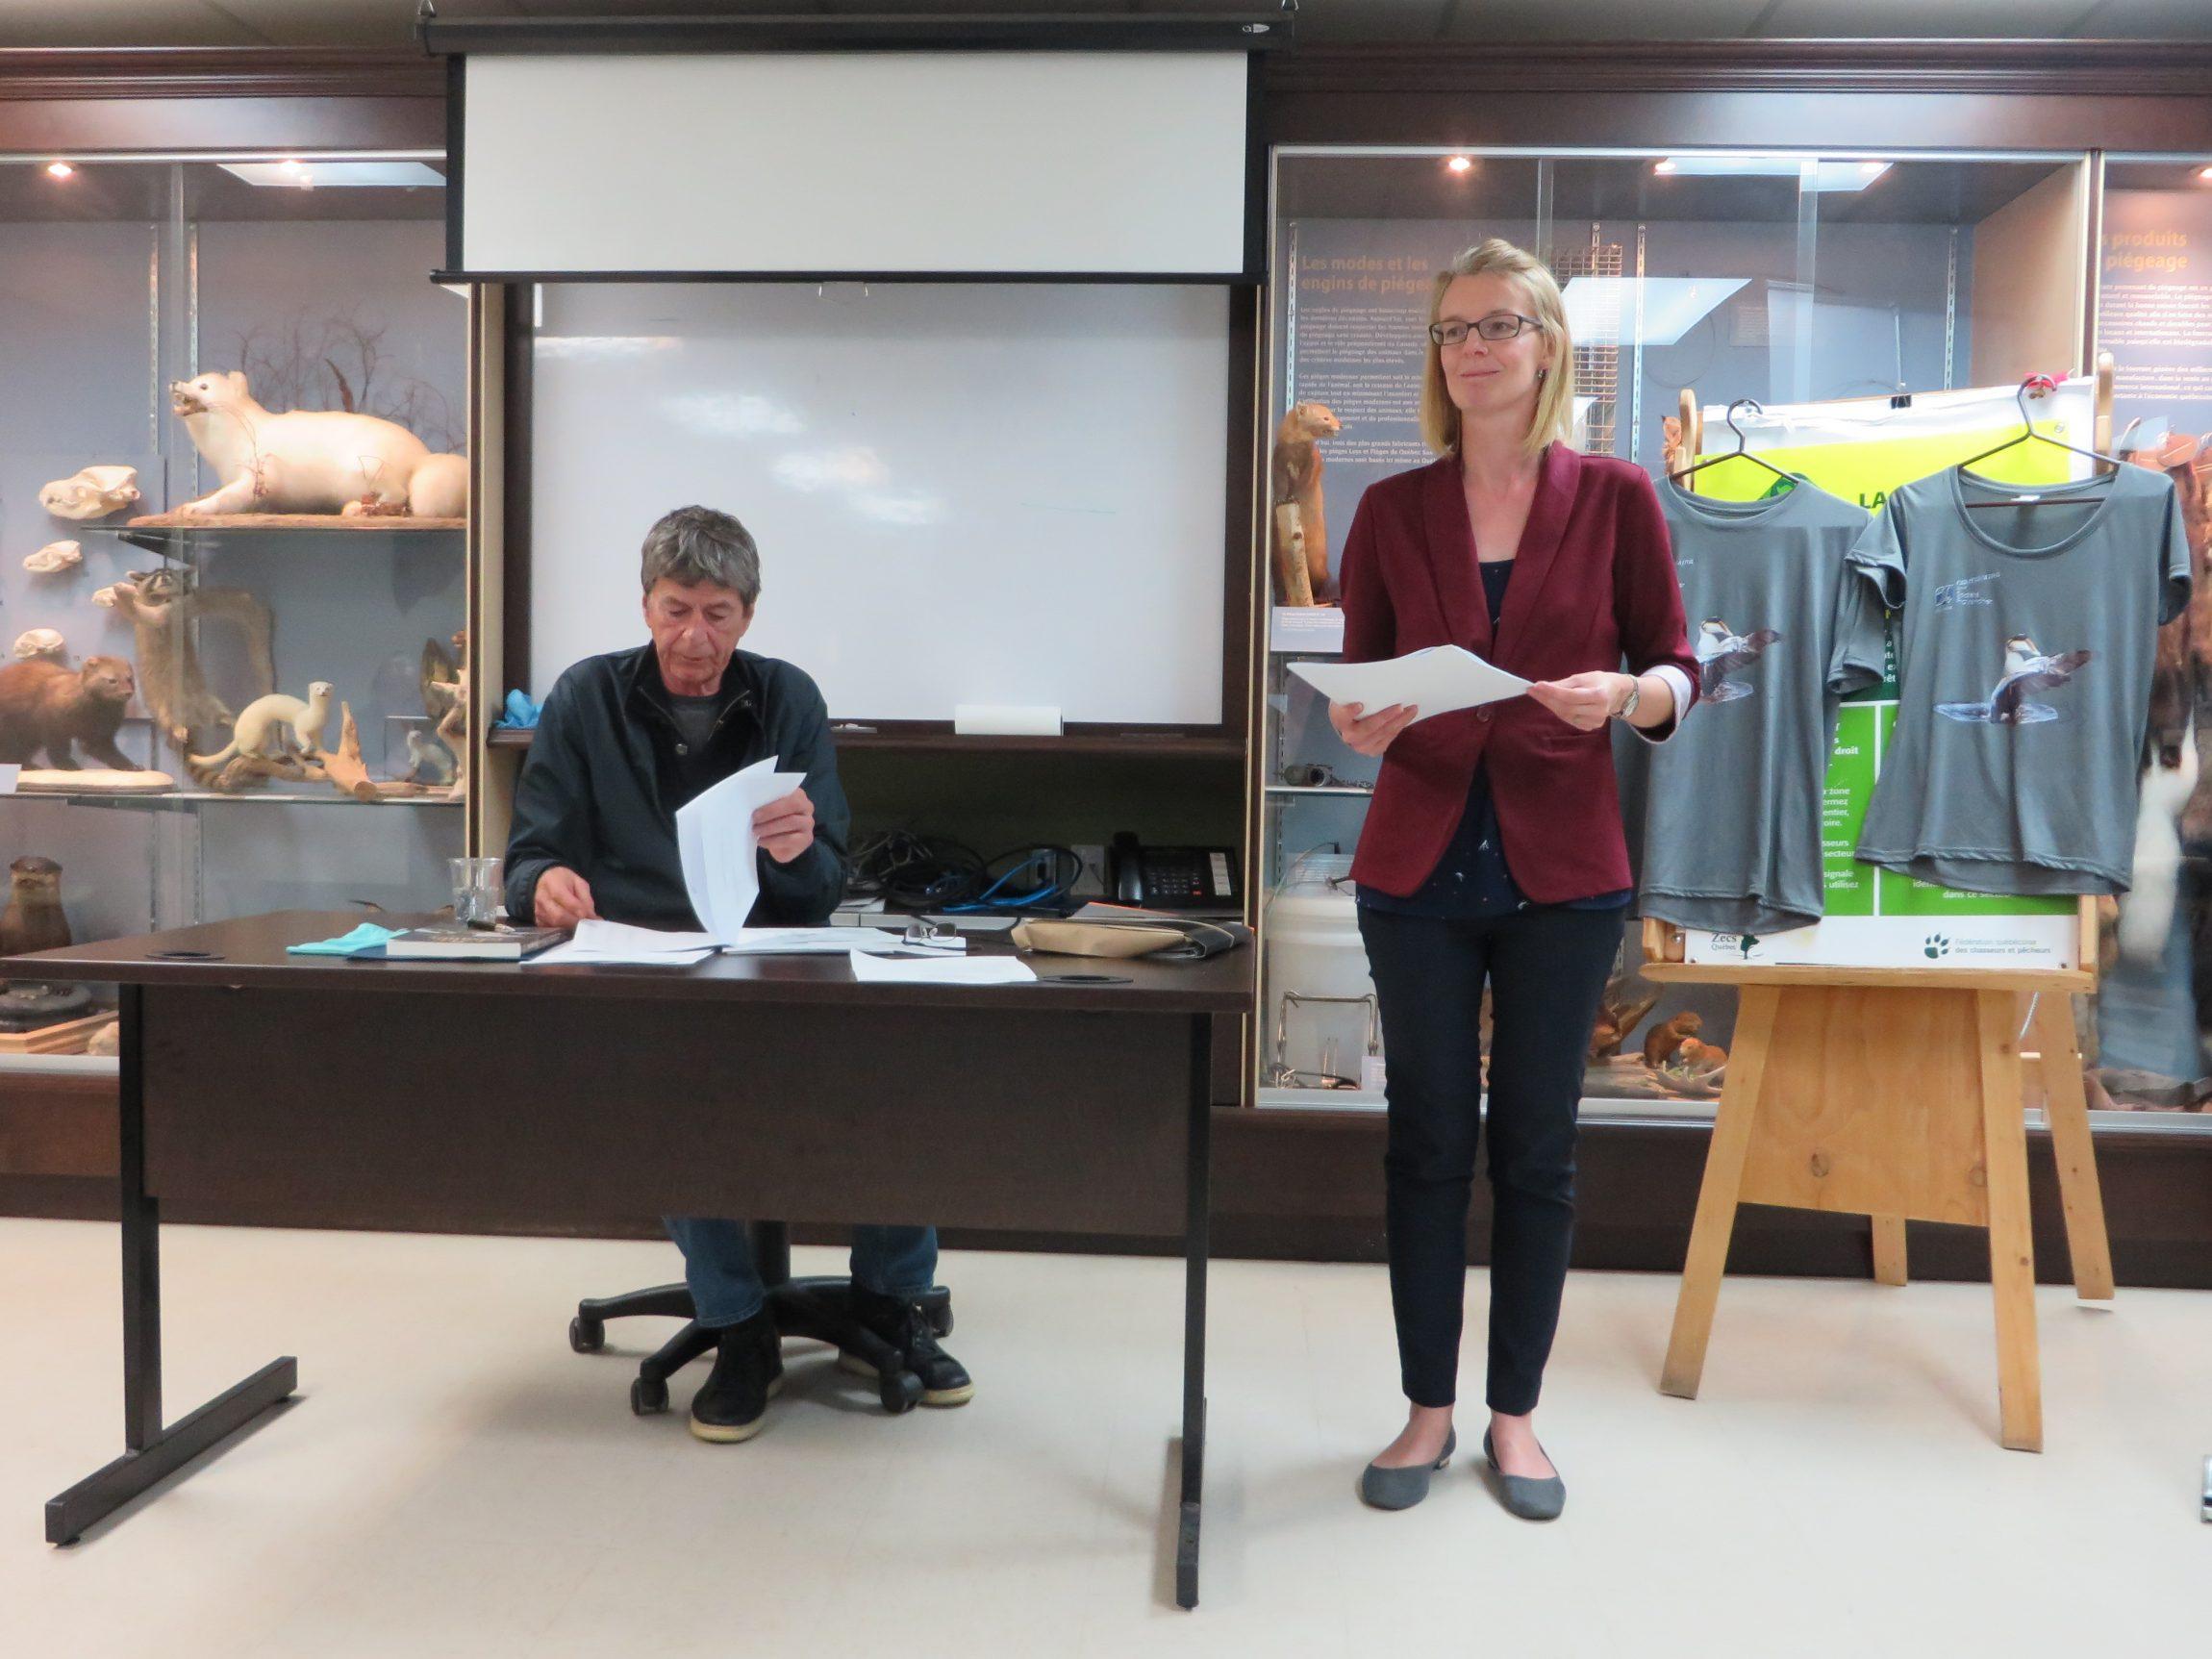 Mme Evelyn O'Farrel de la firme de comptables Aubé, Anctil, Pichette & Associés a présenté le rapport de mission d'examen pour l'année 2018. Photo : Réhaume Courtois